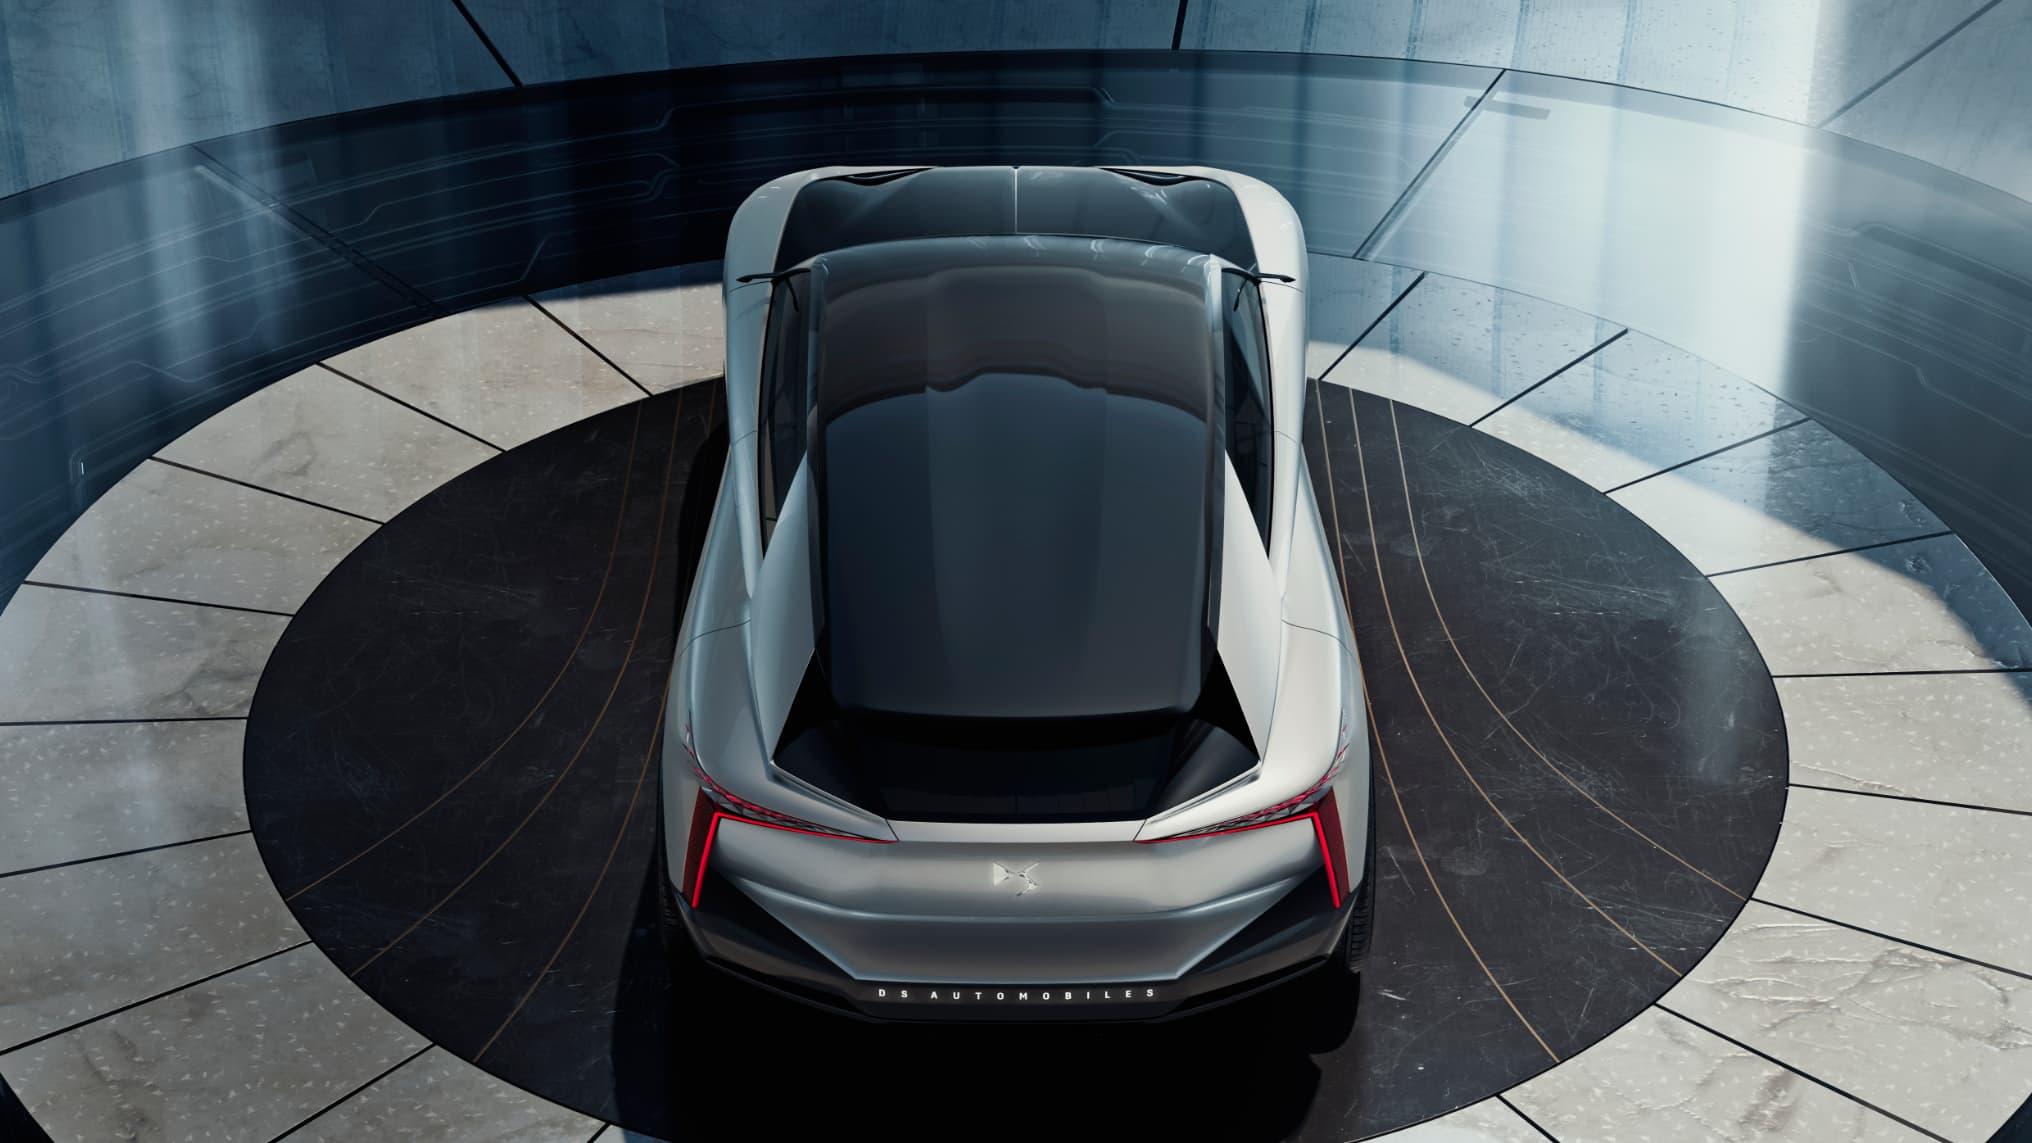 Alfa Romeo, DS, Lancia… Stellantis organise son futur pôle premium - BFMTV